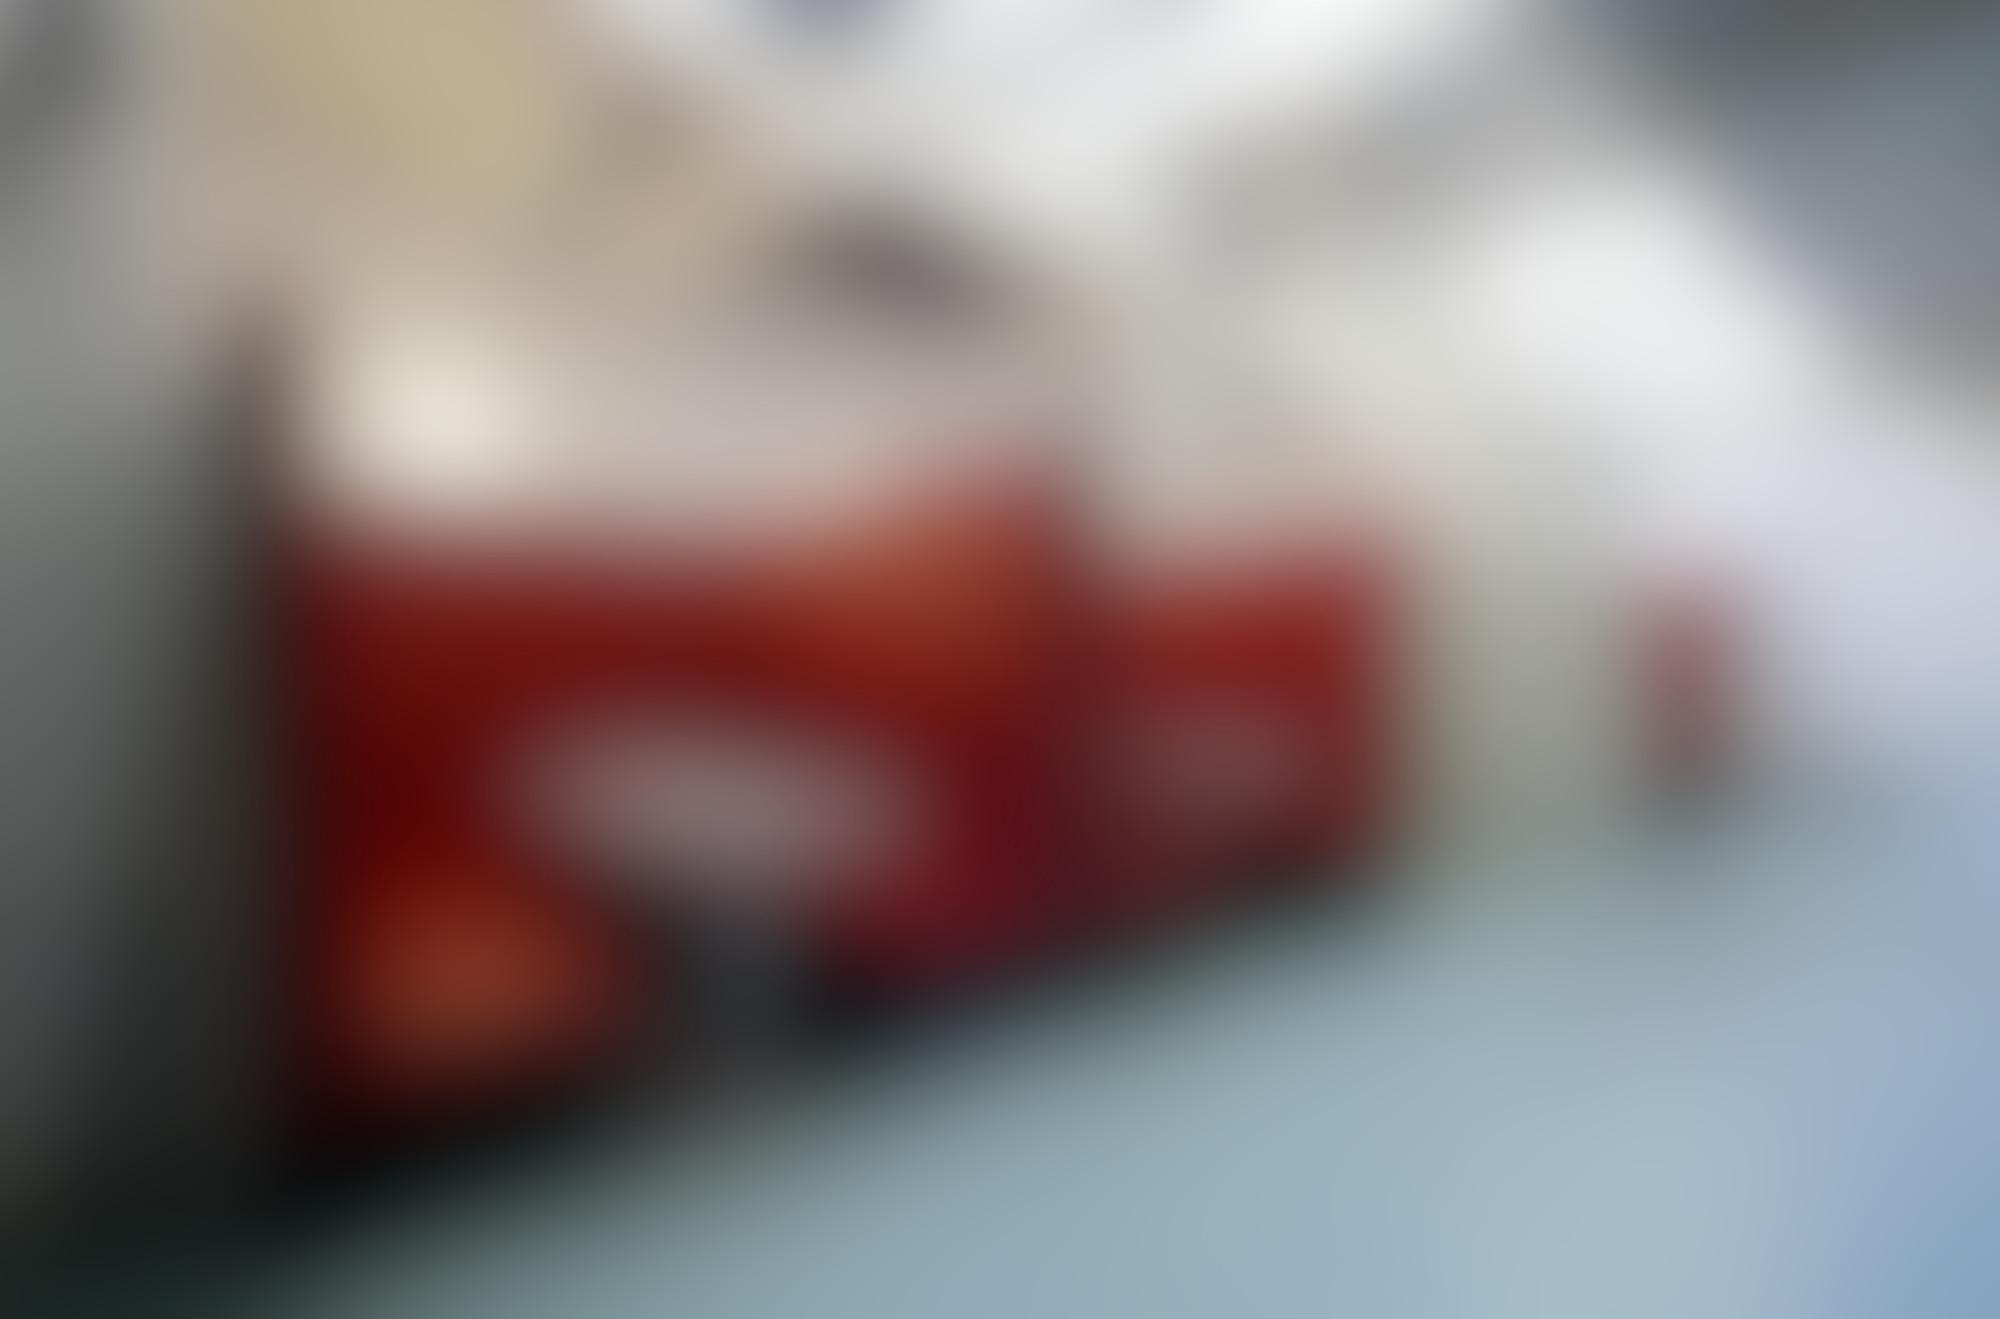 Gg MG 1546 autocompressfitresizeixlibphp 1 1 0max h2000max w3 D2000q80sacf971b5301d9f4d571ceb4db80b1792